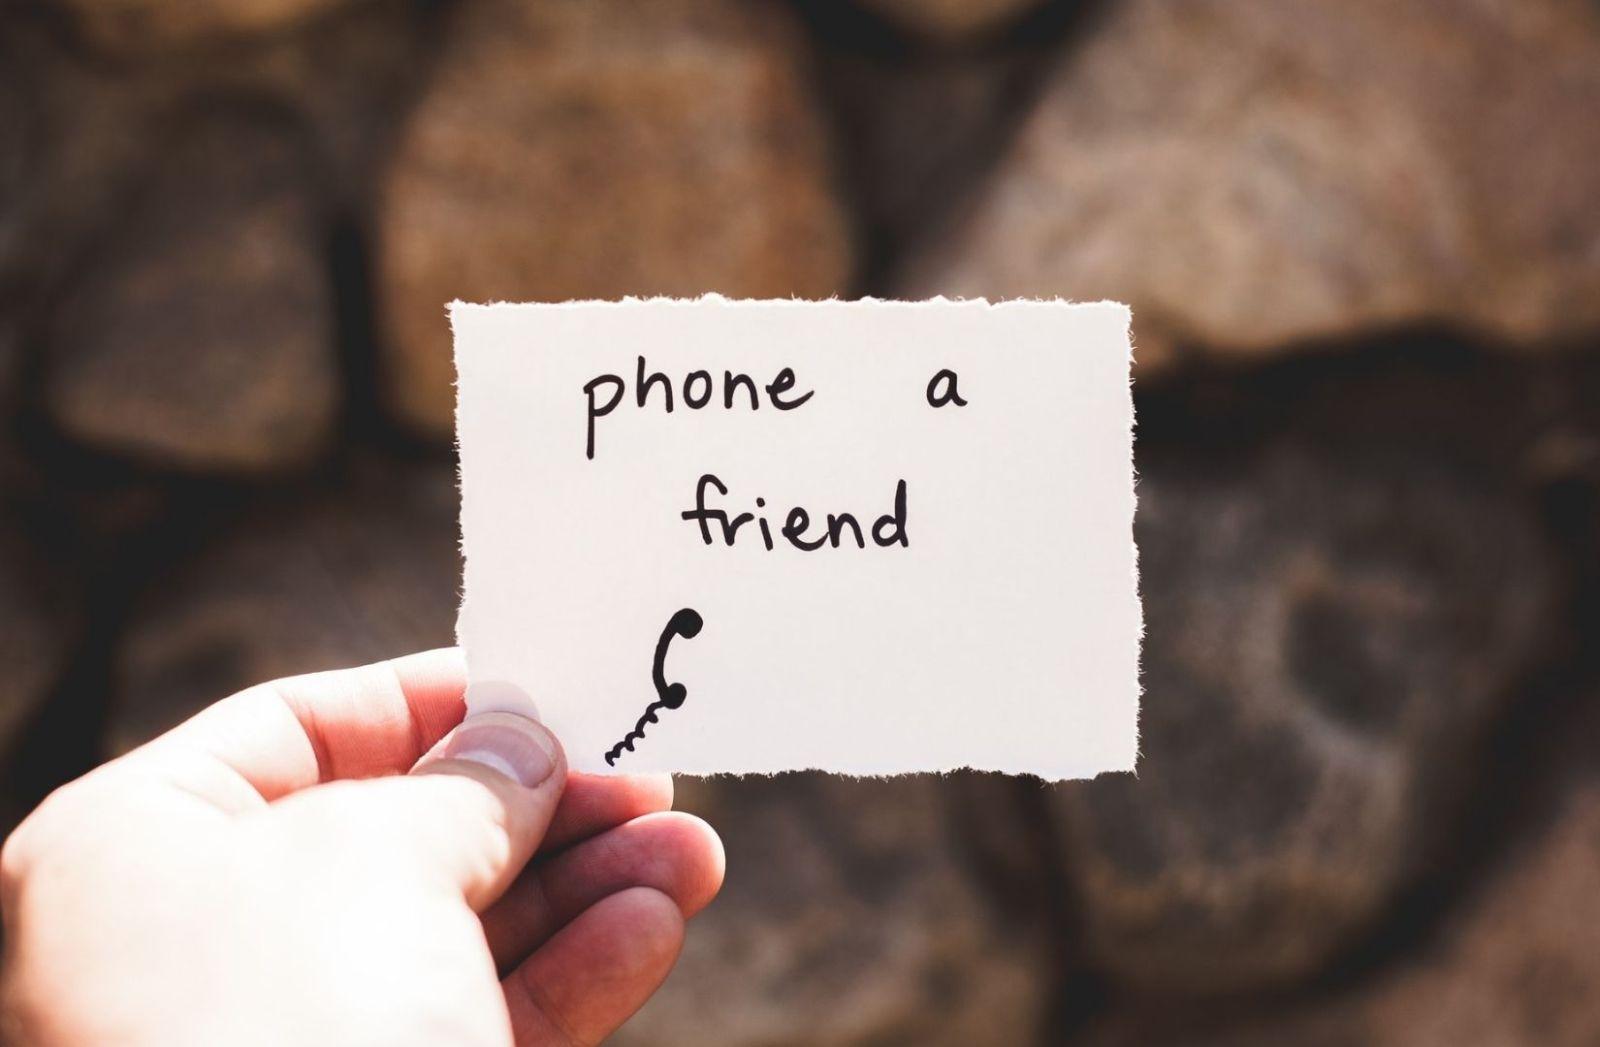 Wer Spaltung überwinden will, muss kommunizieren. (Foto: Dustin Belt, Unsplash.com)